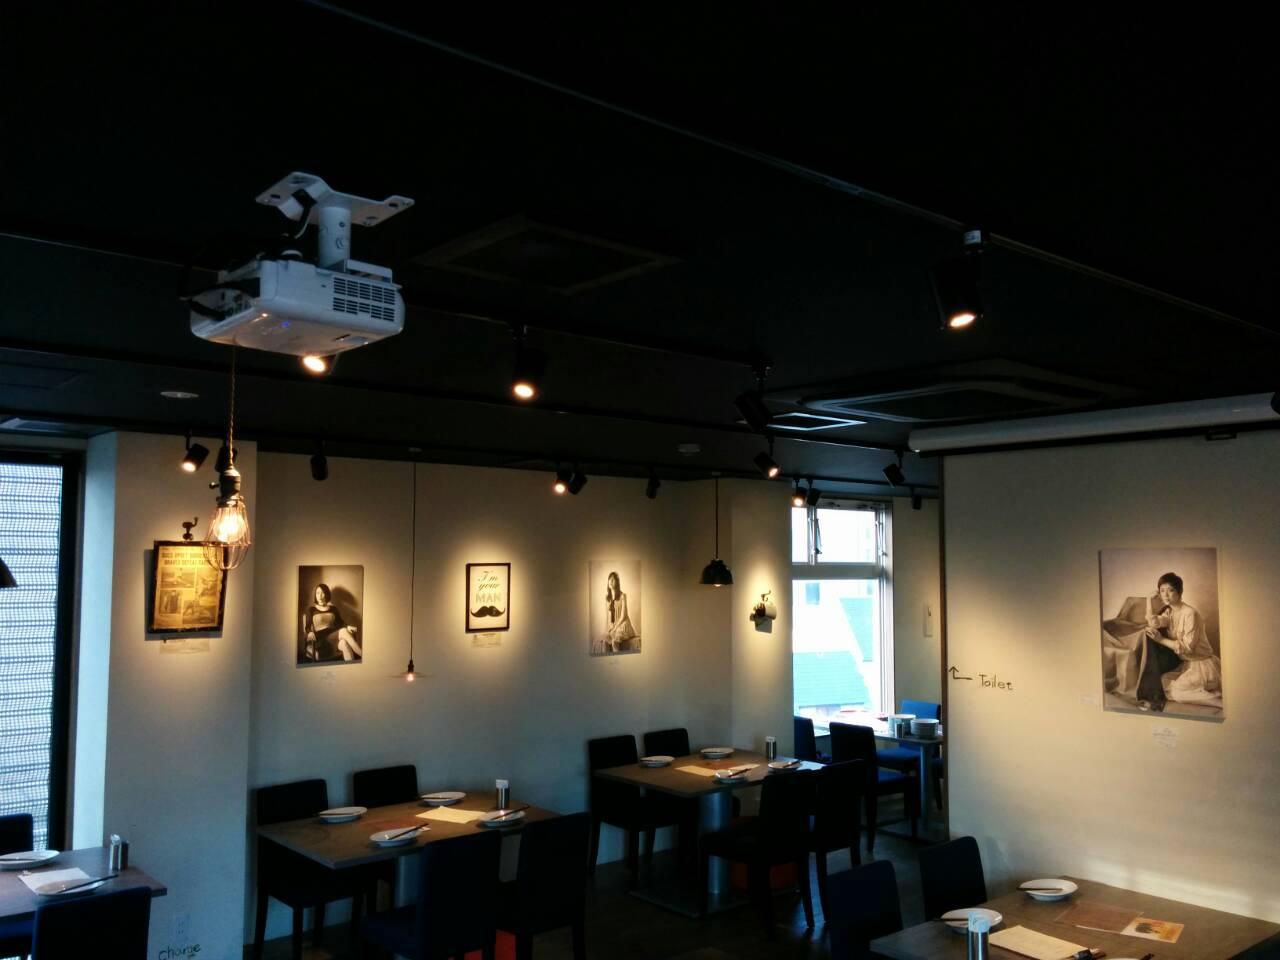 鉛筆画アーティスト:江副拓郎さん作品展示 大阪市福島区イタリアンにて